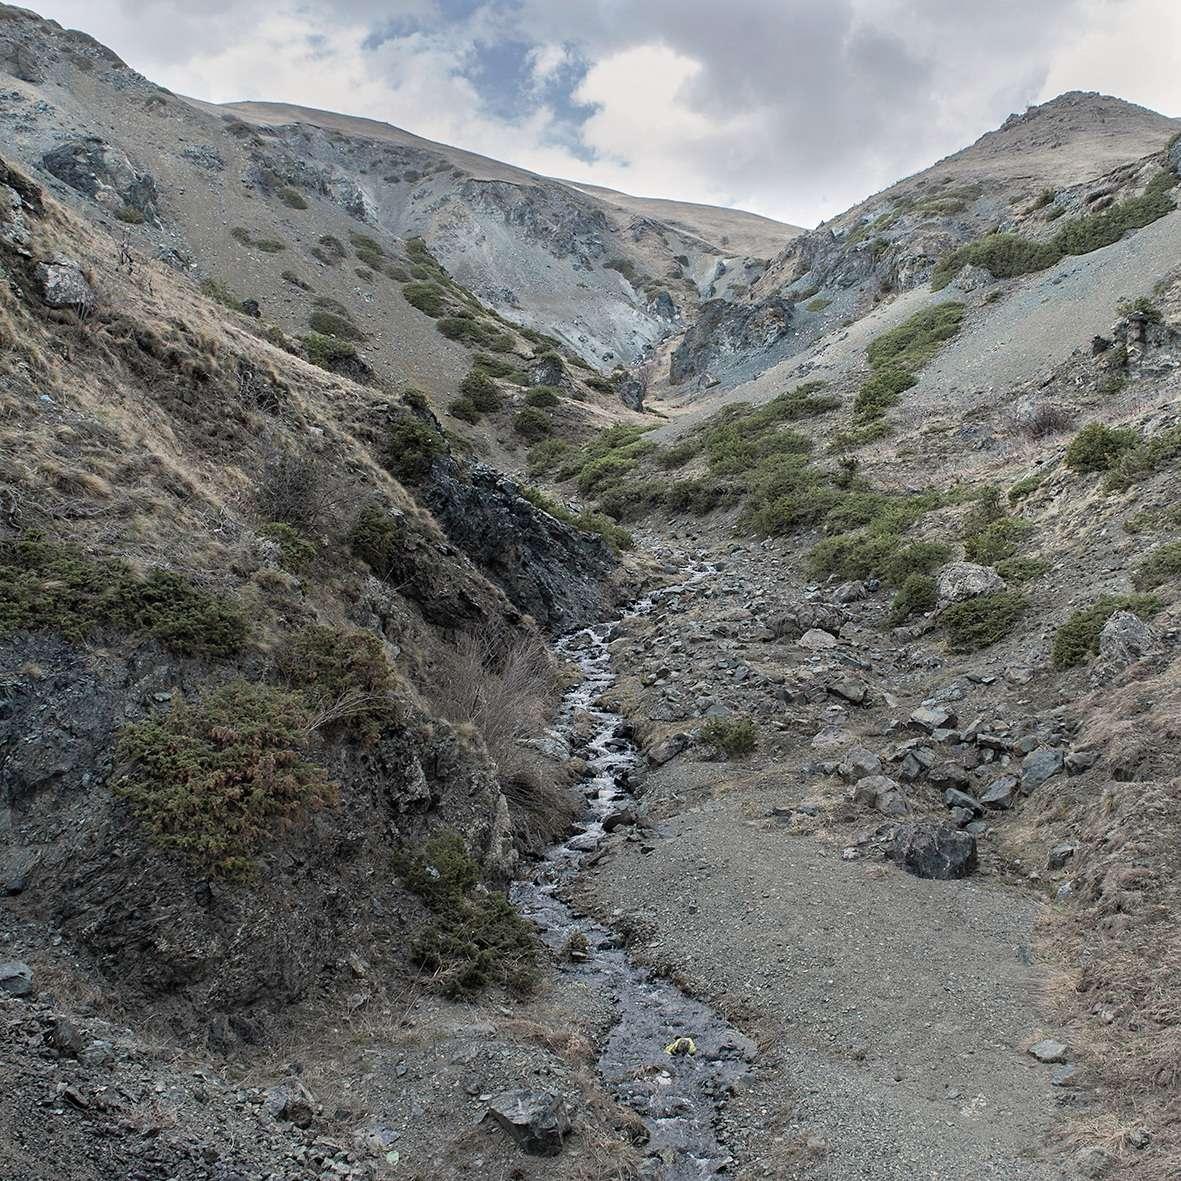 Vue de la frontière entre l'Arménie et le Haut-Karabakh.